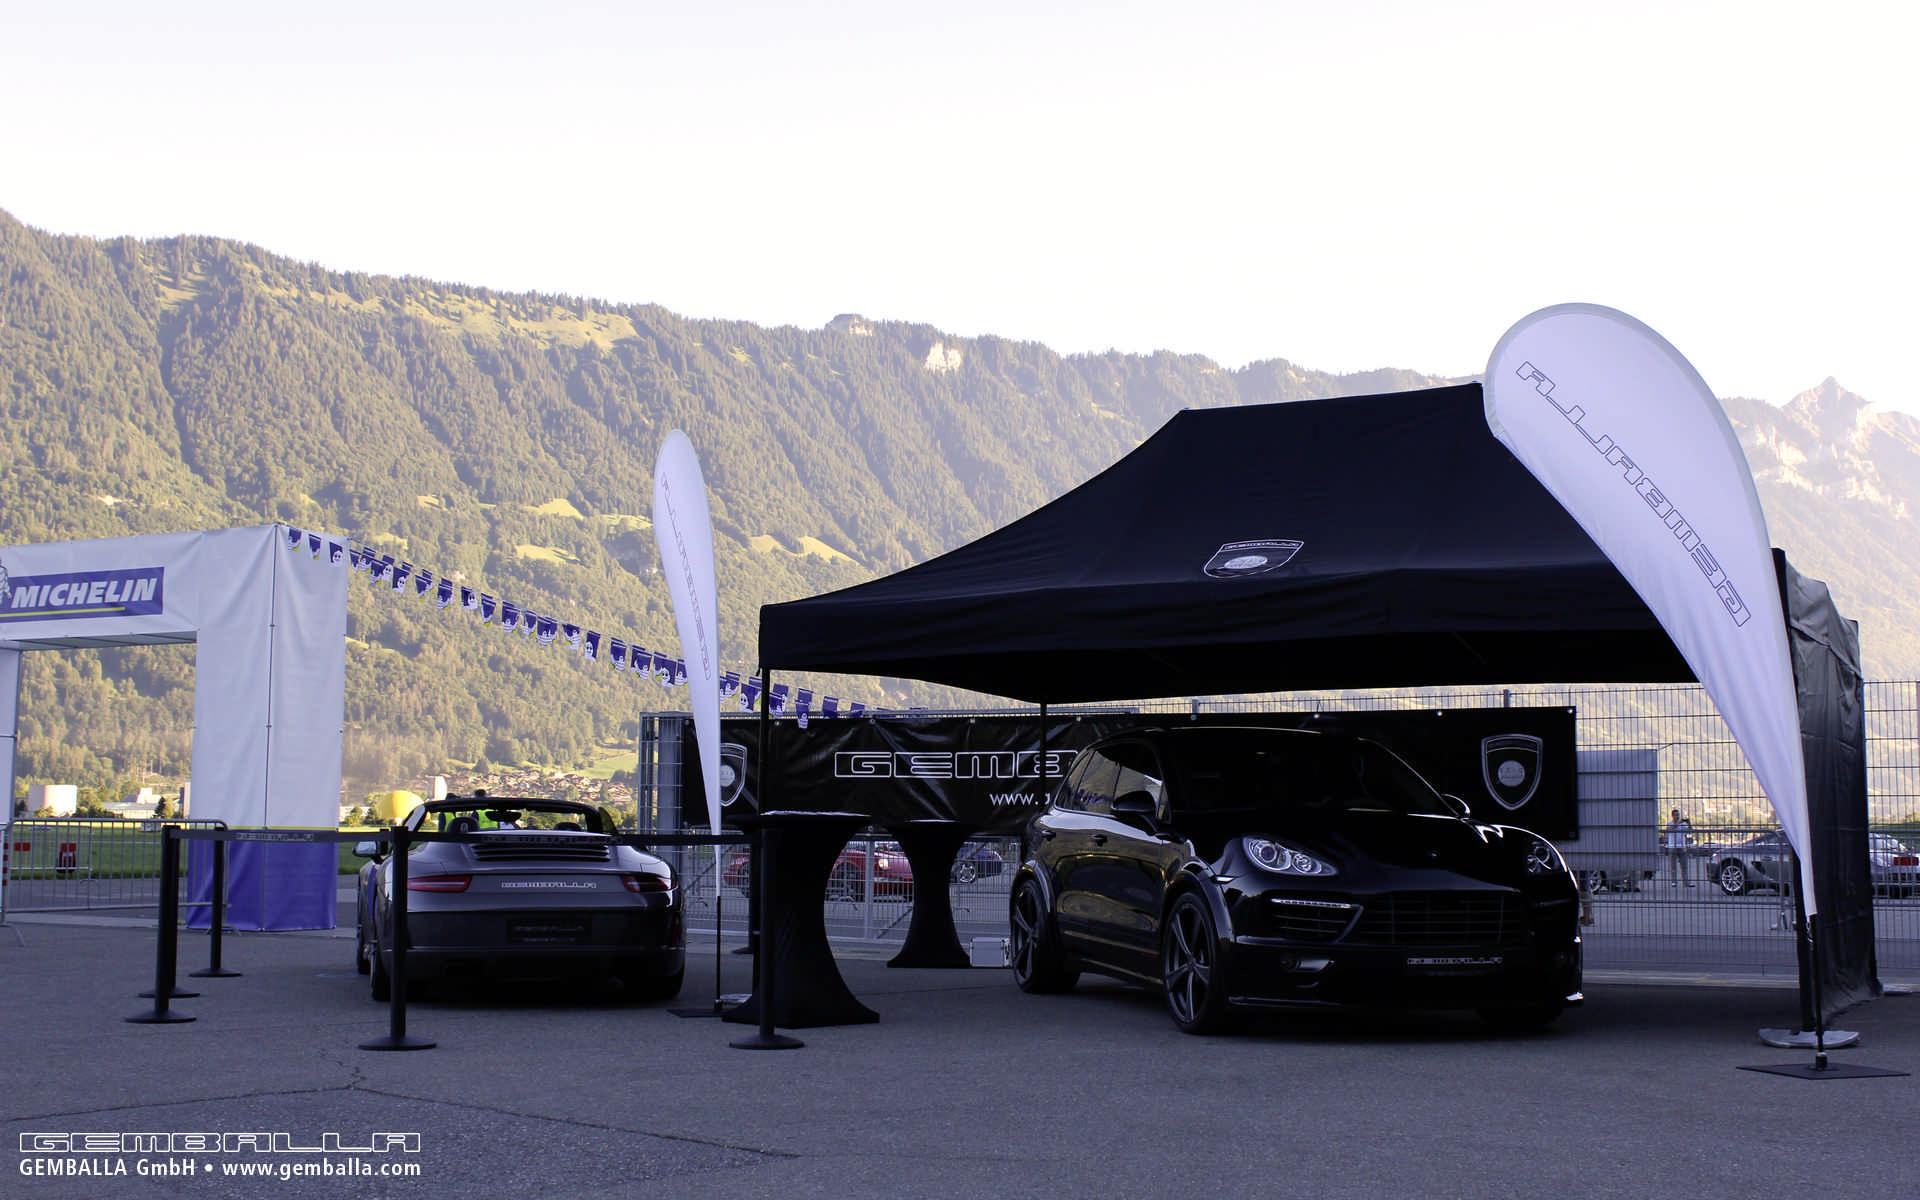 gemballa_gmbh_event_pt_interlaken_2012_005